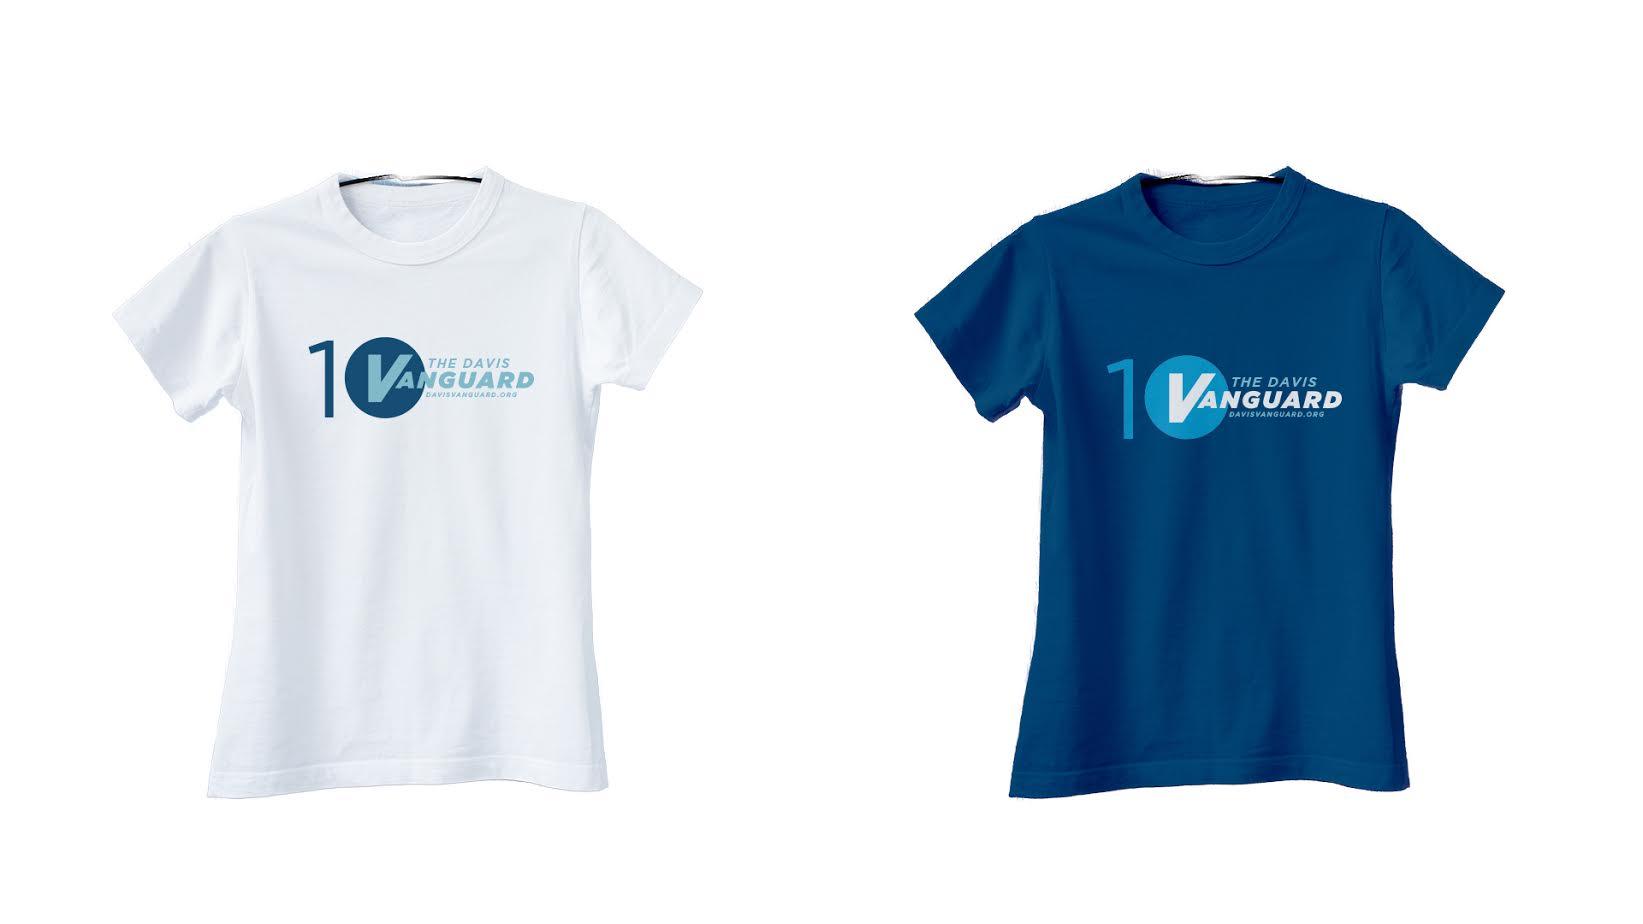 Vanguard-T-Shirts